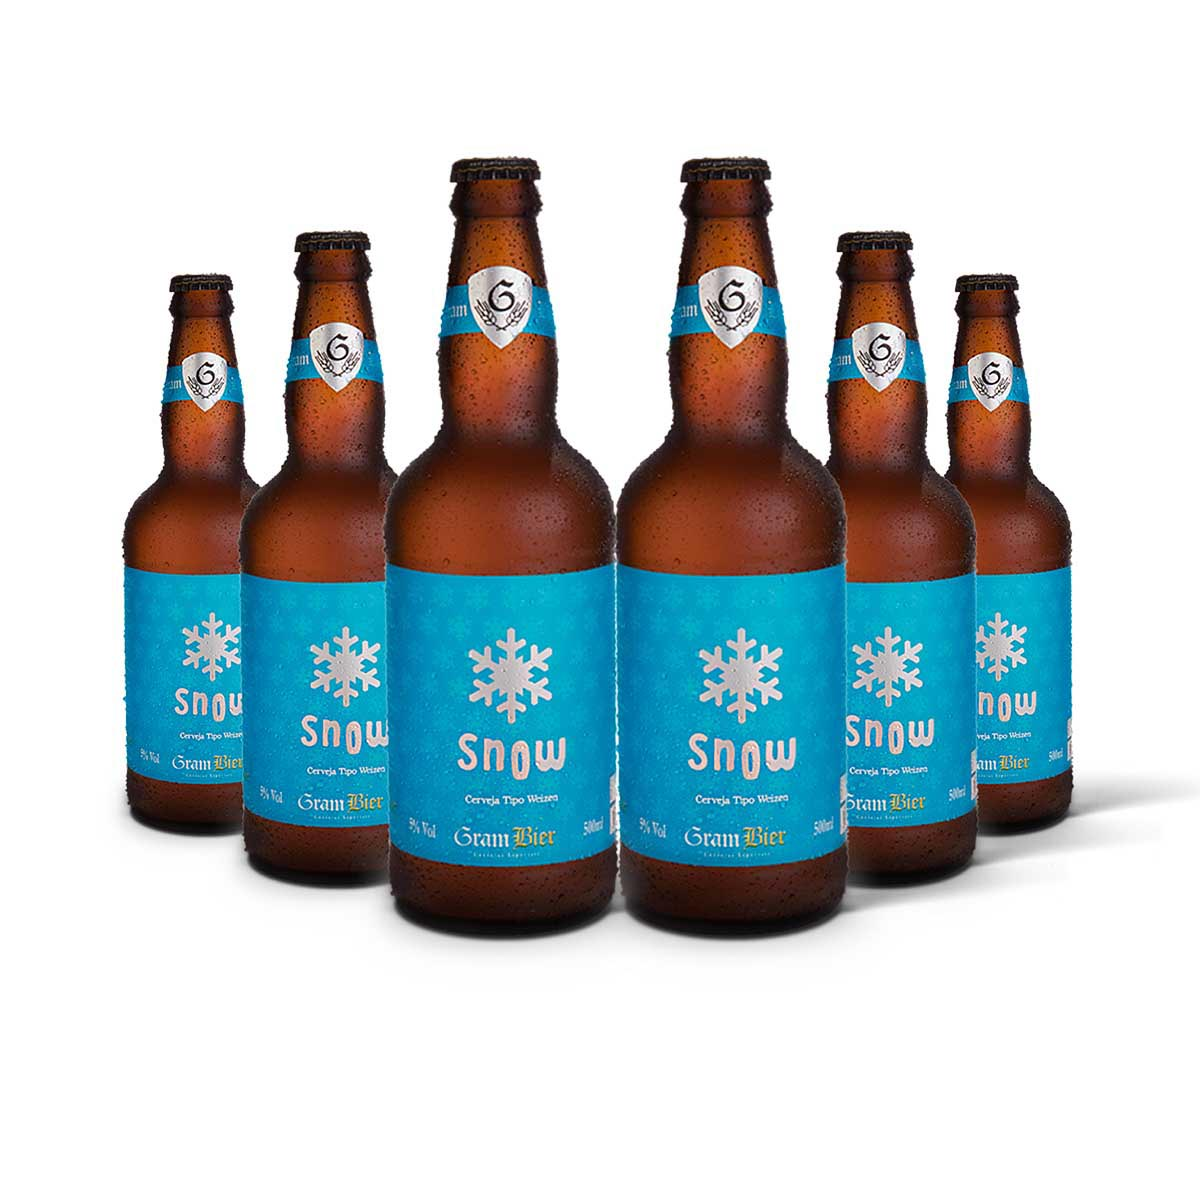 Pack Gram Bier Weizen Snow 6 cervejas 500ml